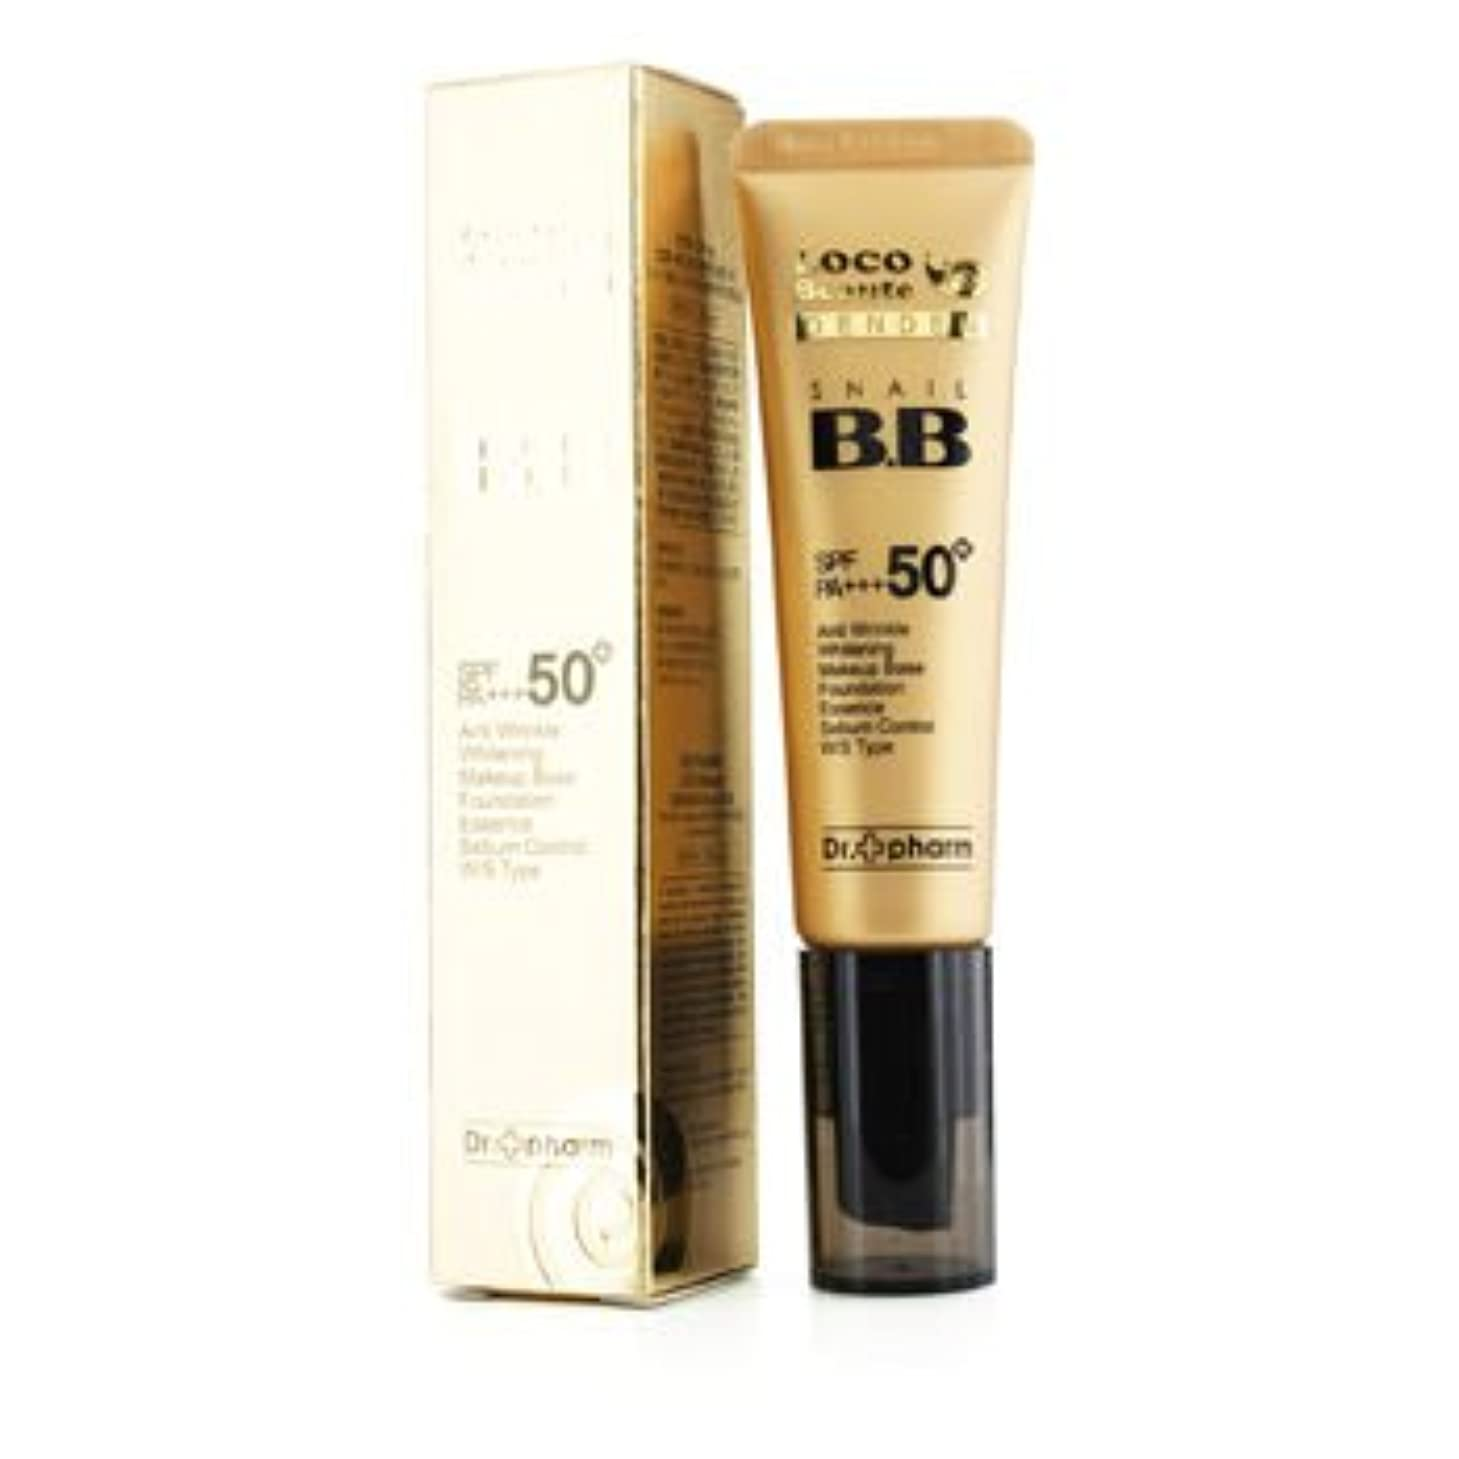 ファイター不測の事態トランジスタDr. Pharm LOCO Beaute DenDen Snail BB Cream SPF5030ml/1oz並行輸入品